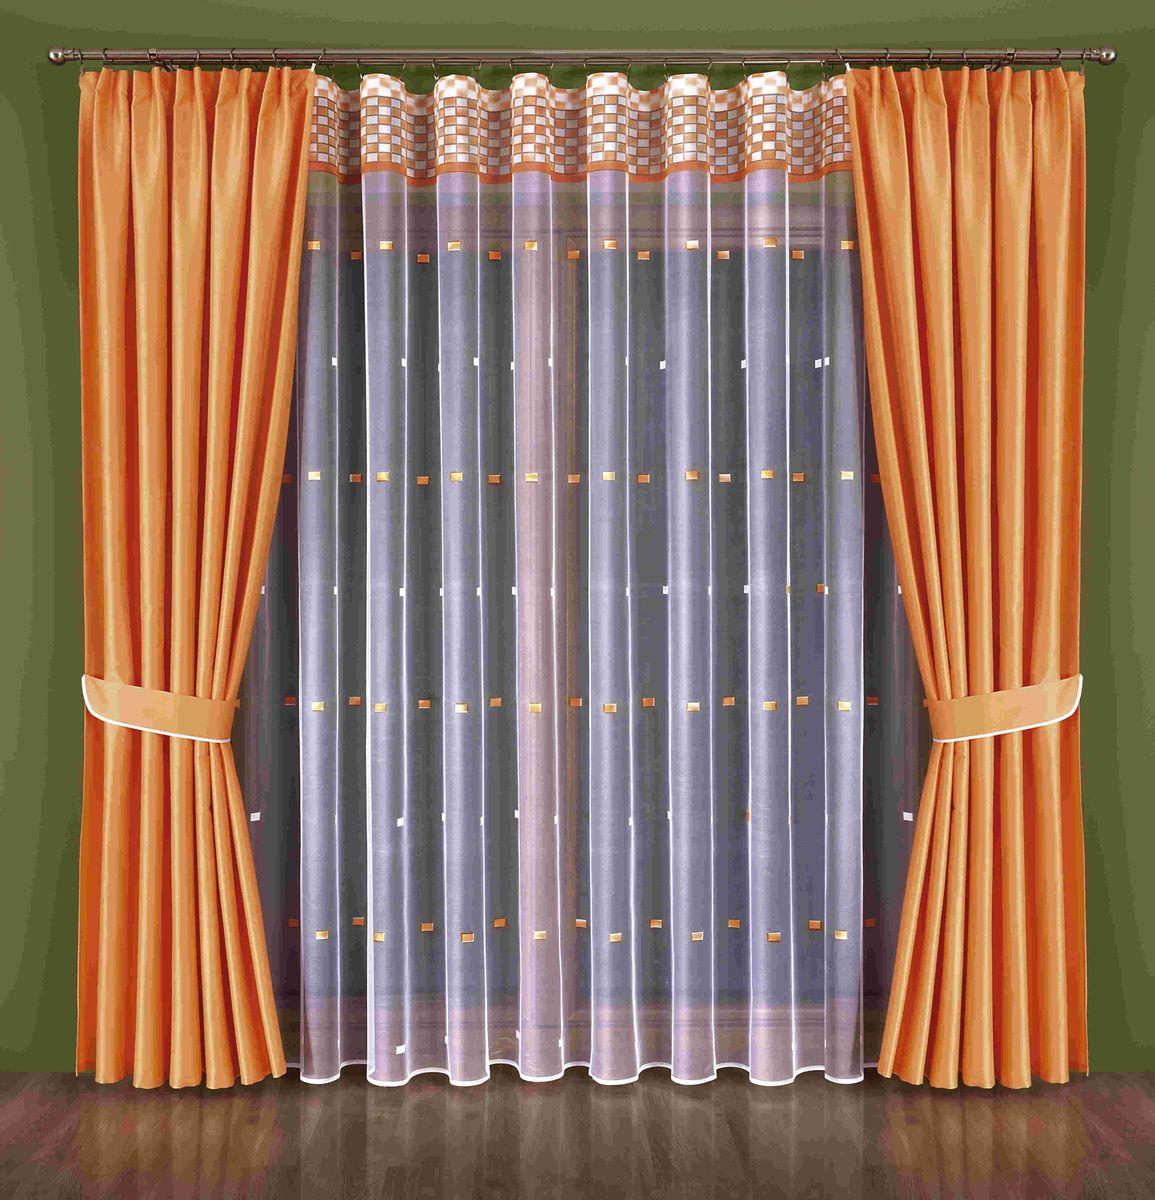 Комплект штор Wisan Kenza, на ленте, цвет: оранжевый, белый, высота 250 см